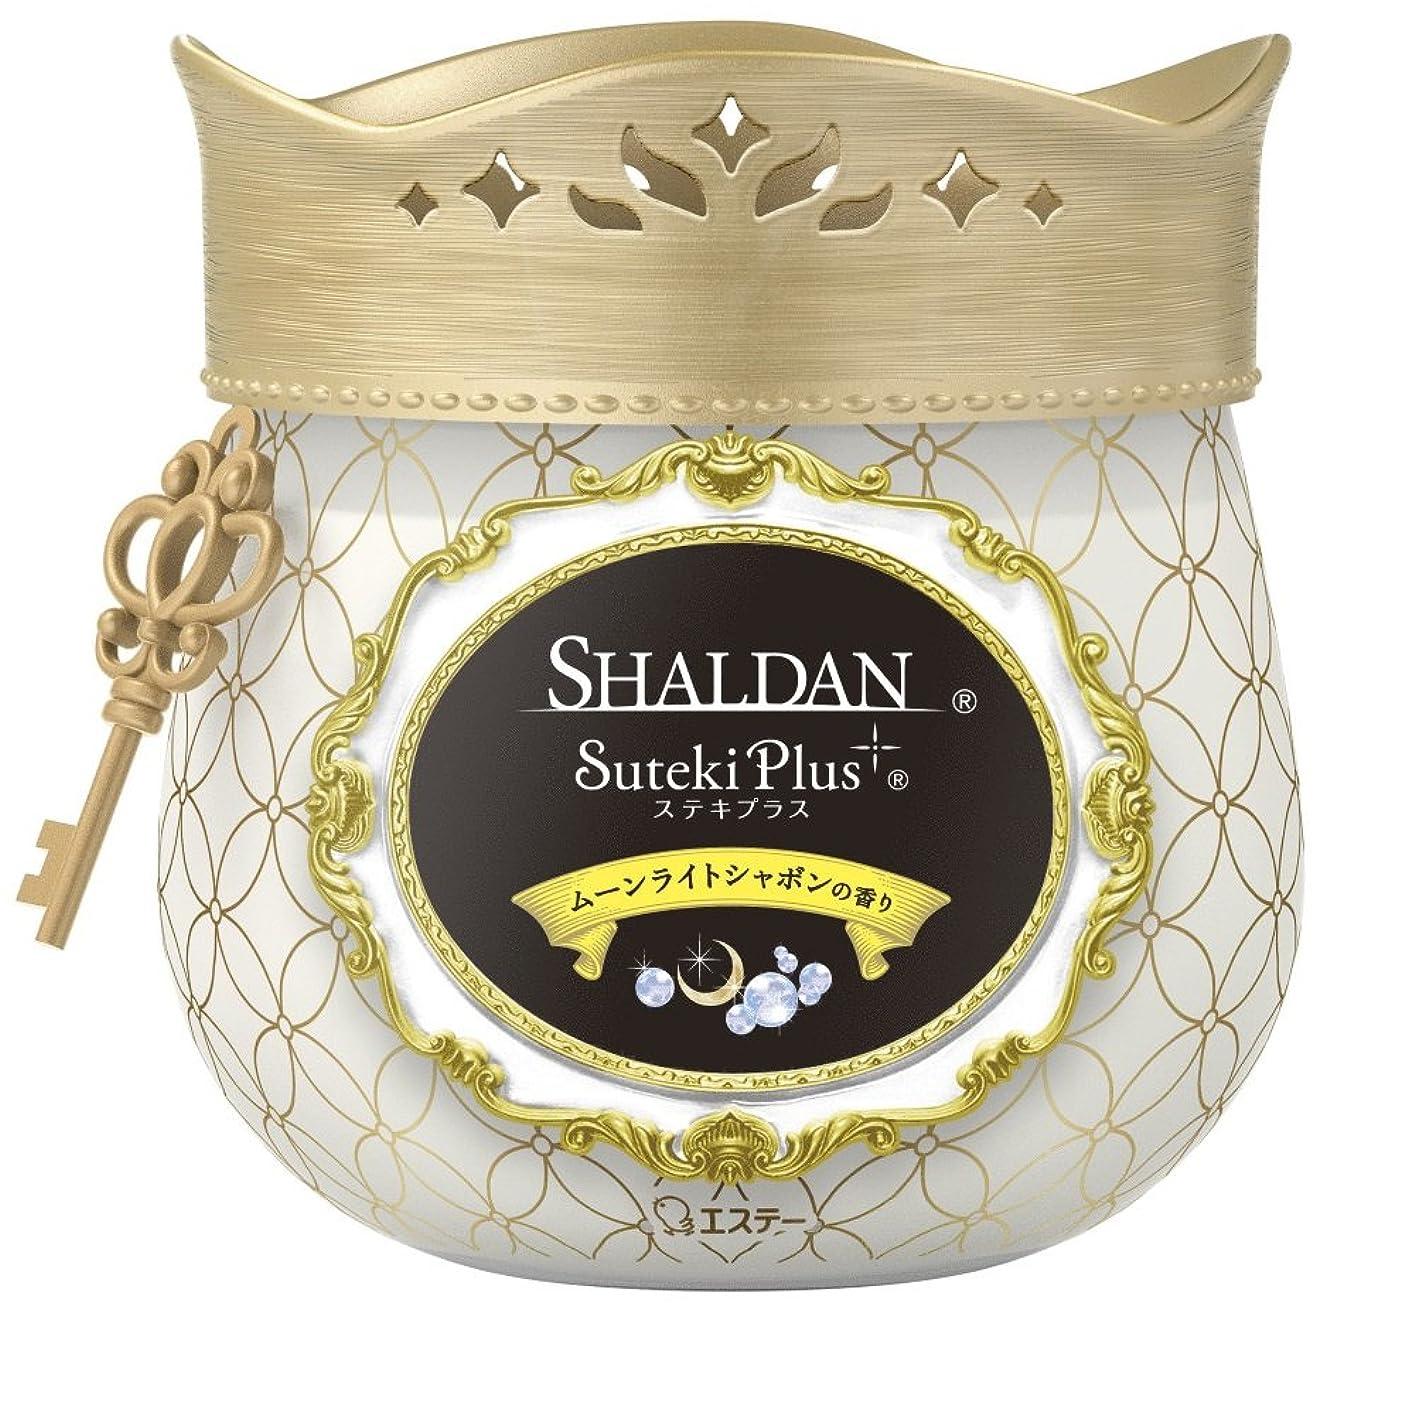 見習い条件付き厳シャルダン SHALDAN ステキプラス 消臭芳香剤 部屋用 部屋 玄関 ムーンライトシャボンの香り 260g